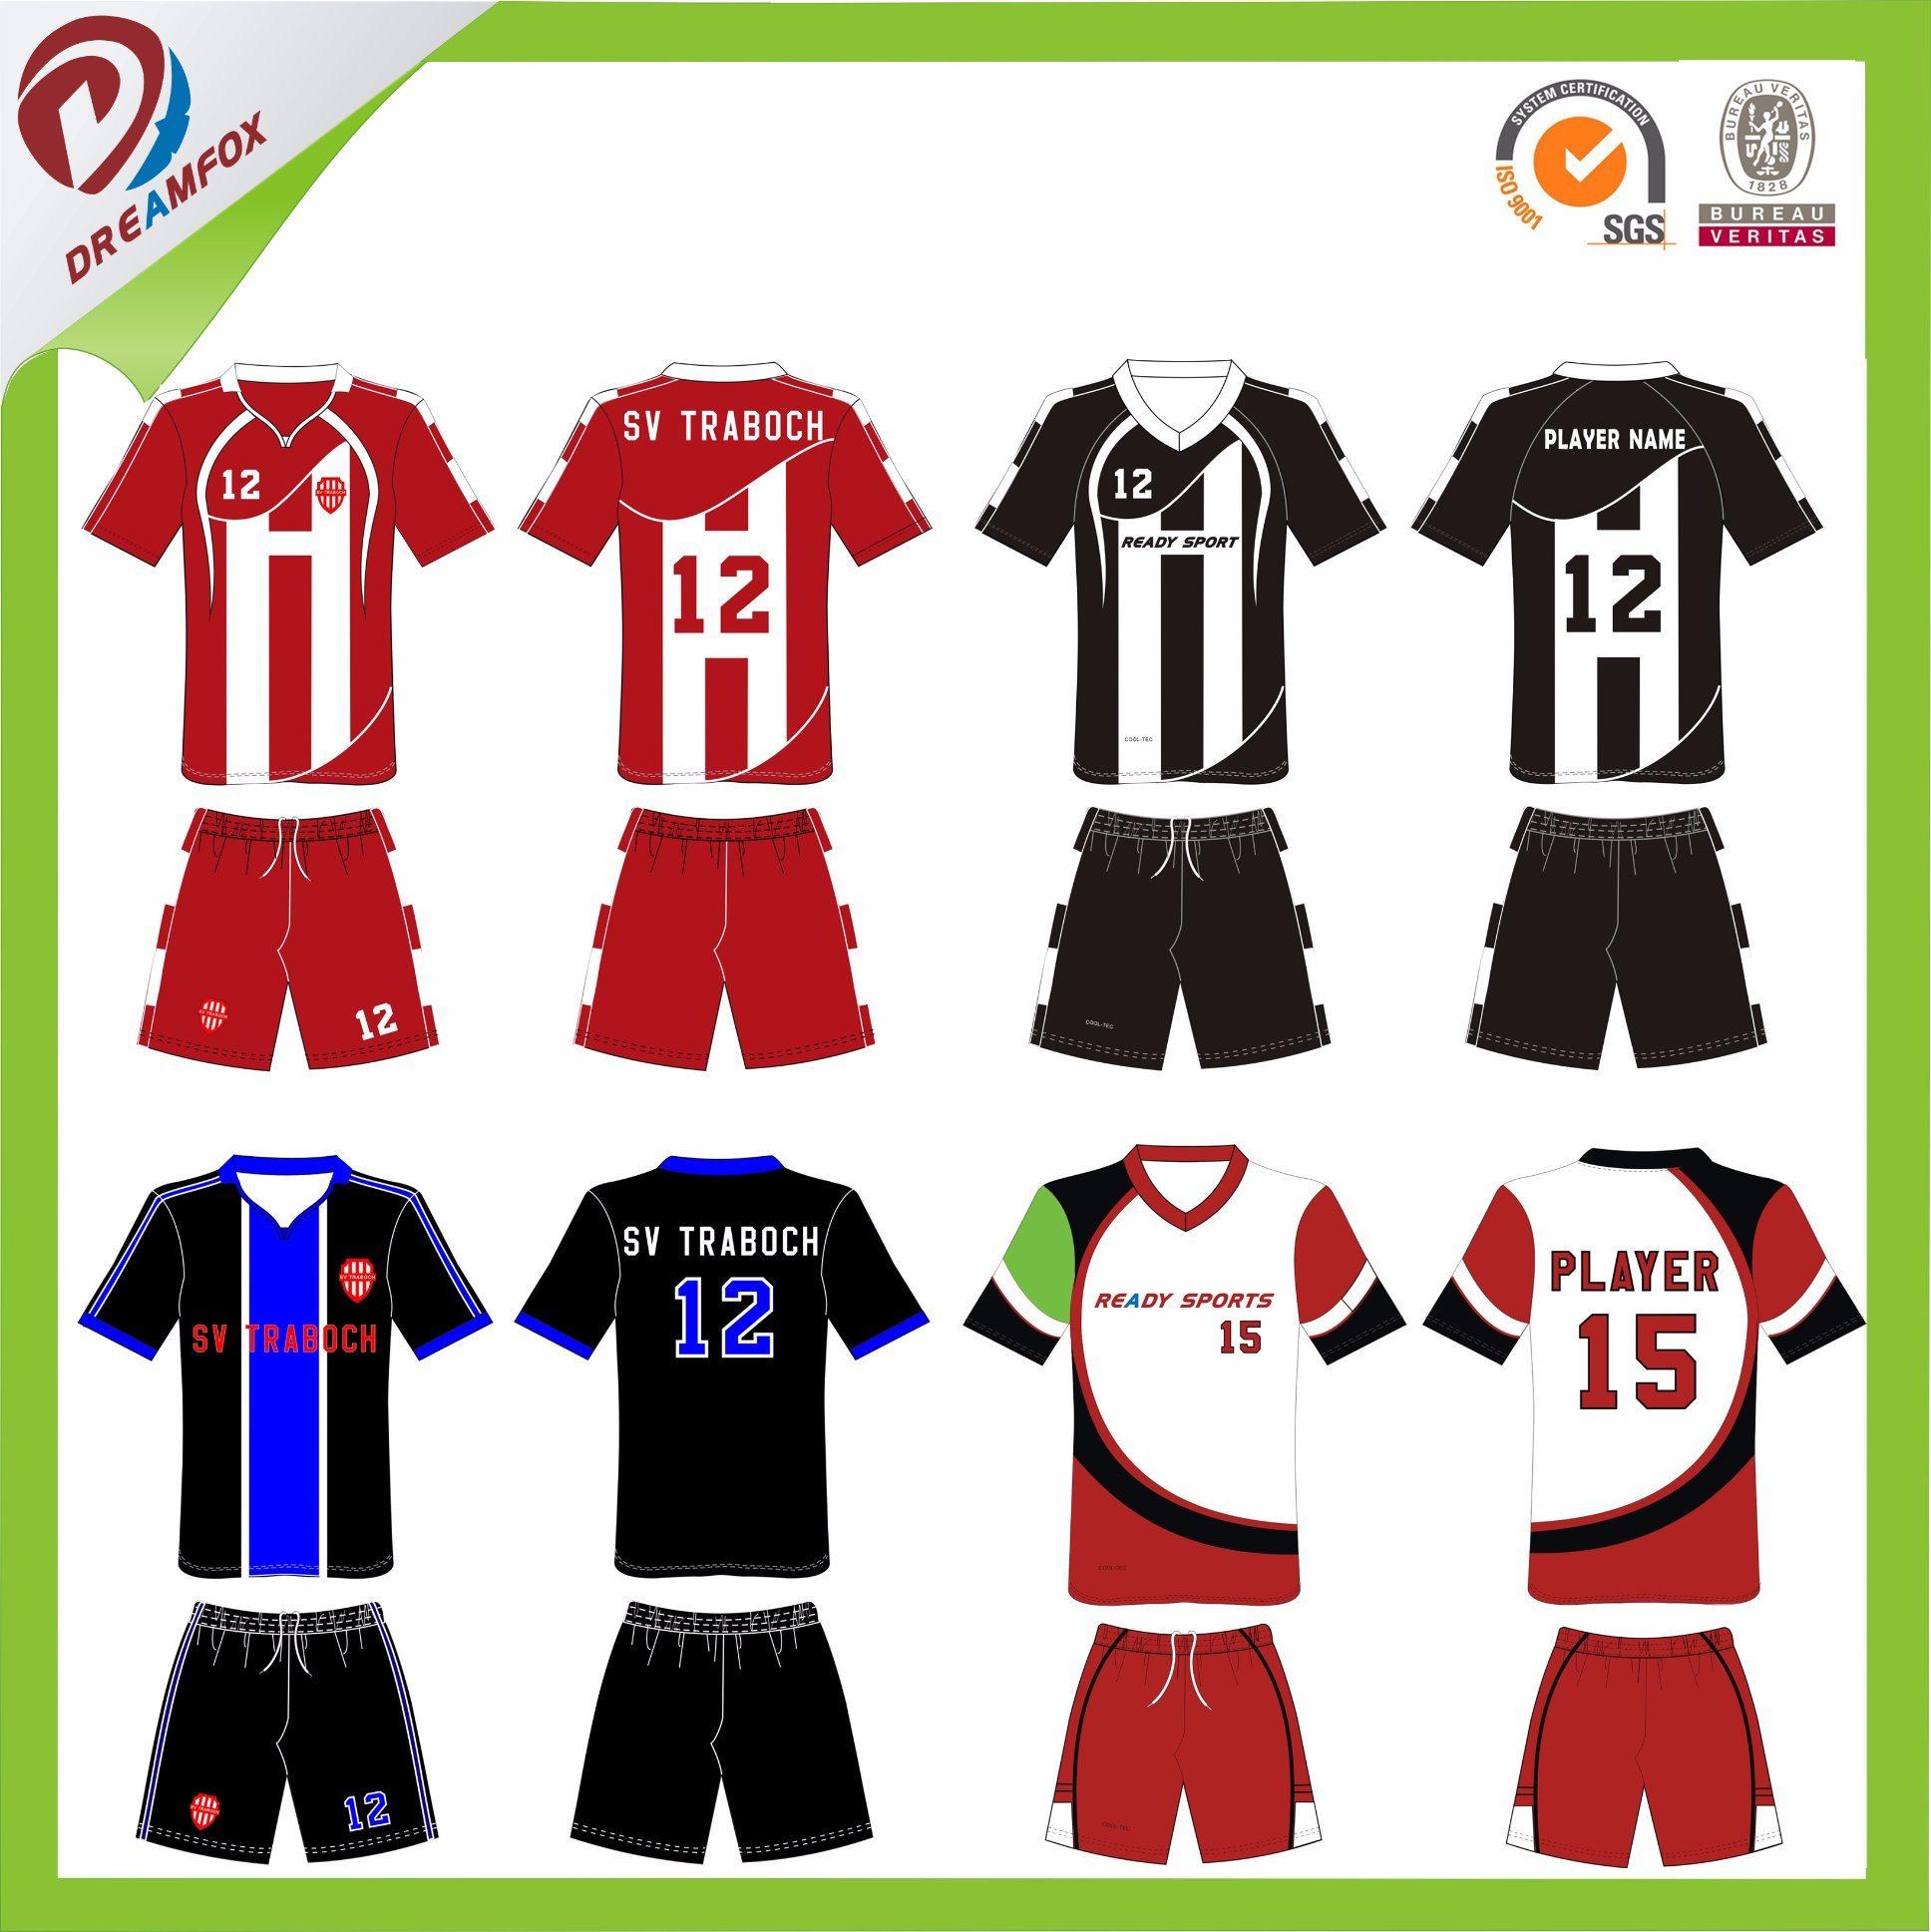 5fa0a5fcd7d30 Ropa deportiva de fútbol de la fábrica de cualquier tamaño uniforme para  las Mujeres Hombres niños